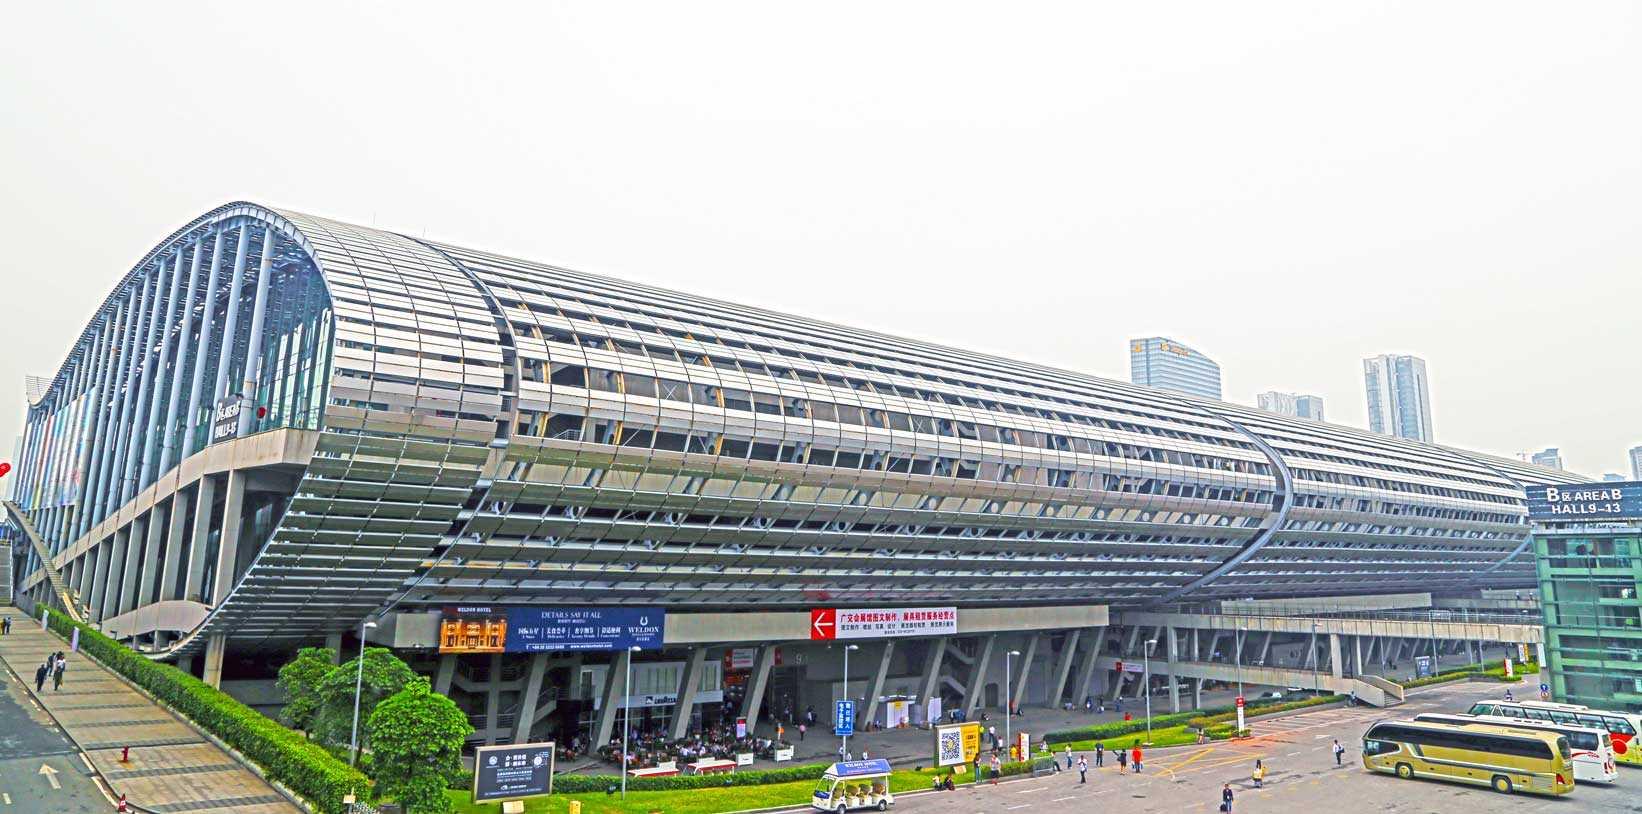 نمایشگاه گوانجو کشور چین